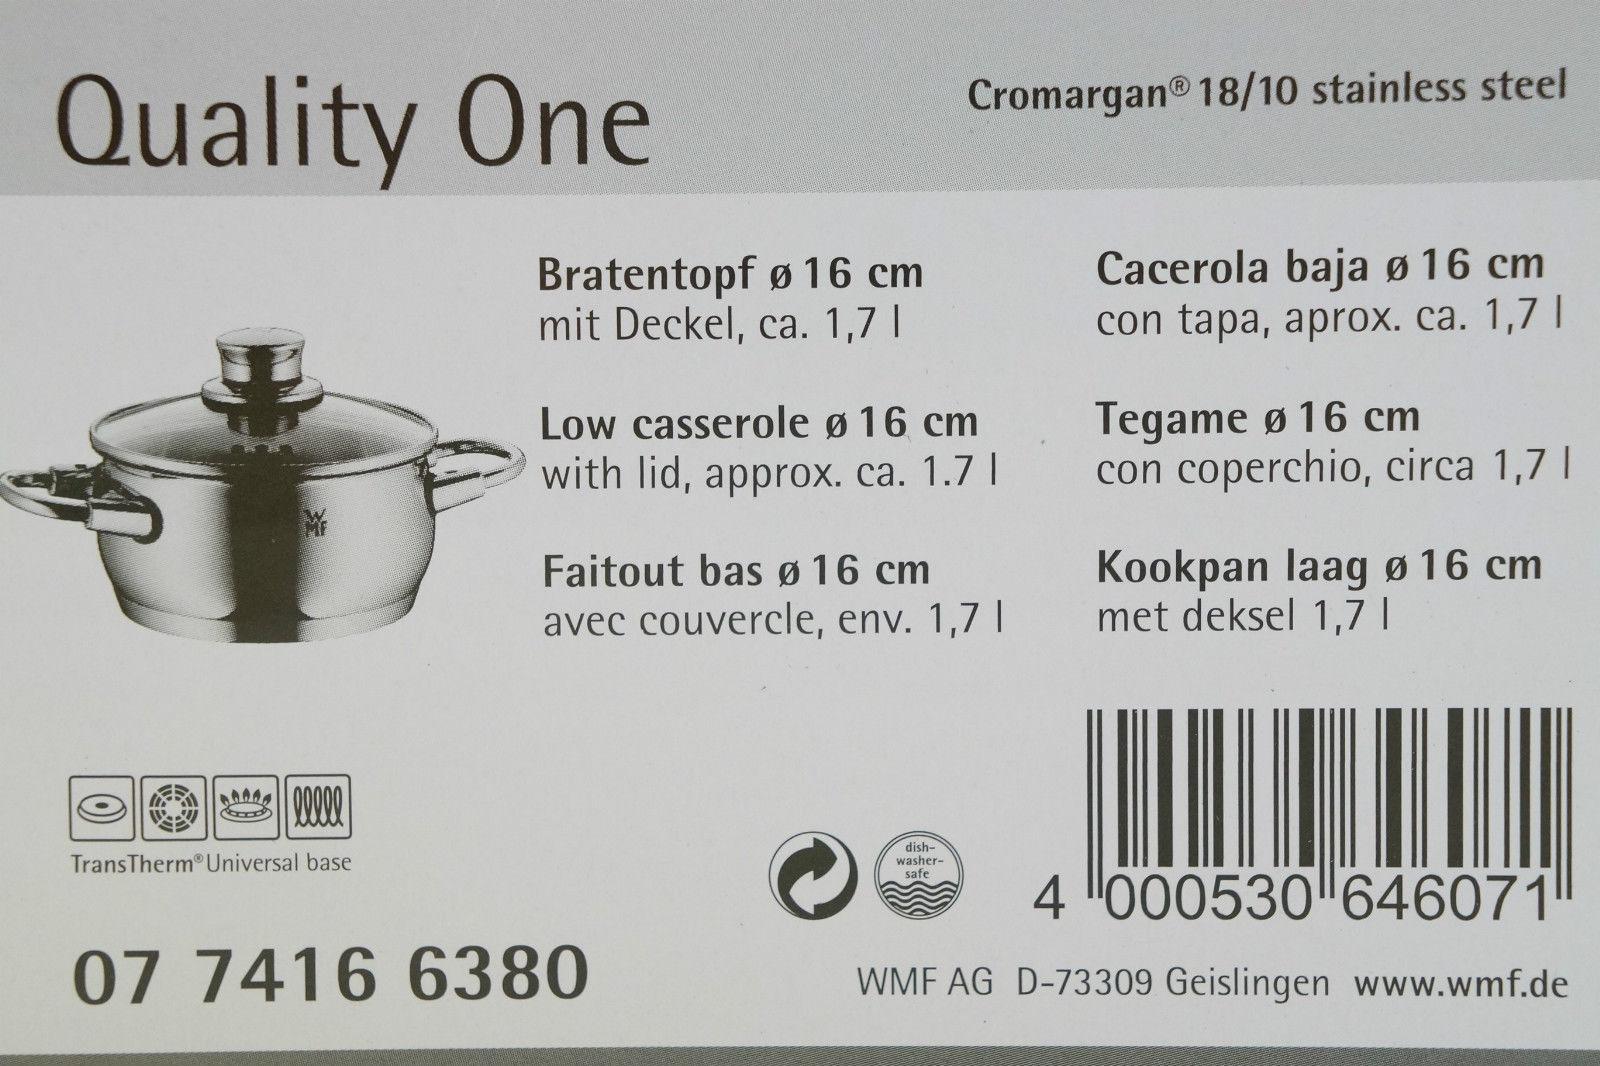 Кастрюля с крышкой низкая WMF Quality One, объем 1,7 л, диаметр 16 см, серебристый с красным WMF 07 7416 6380 фото 4